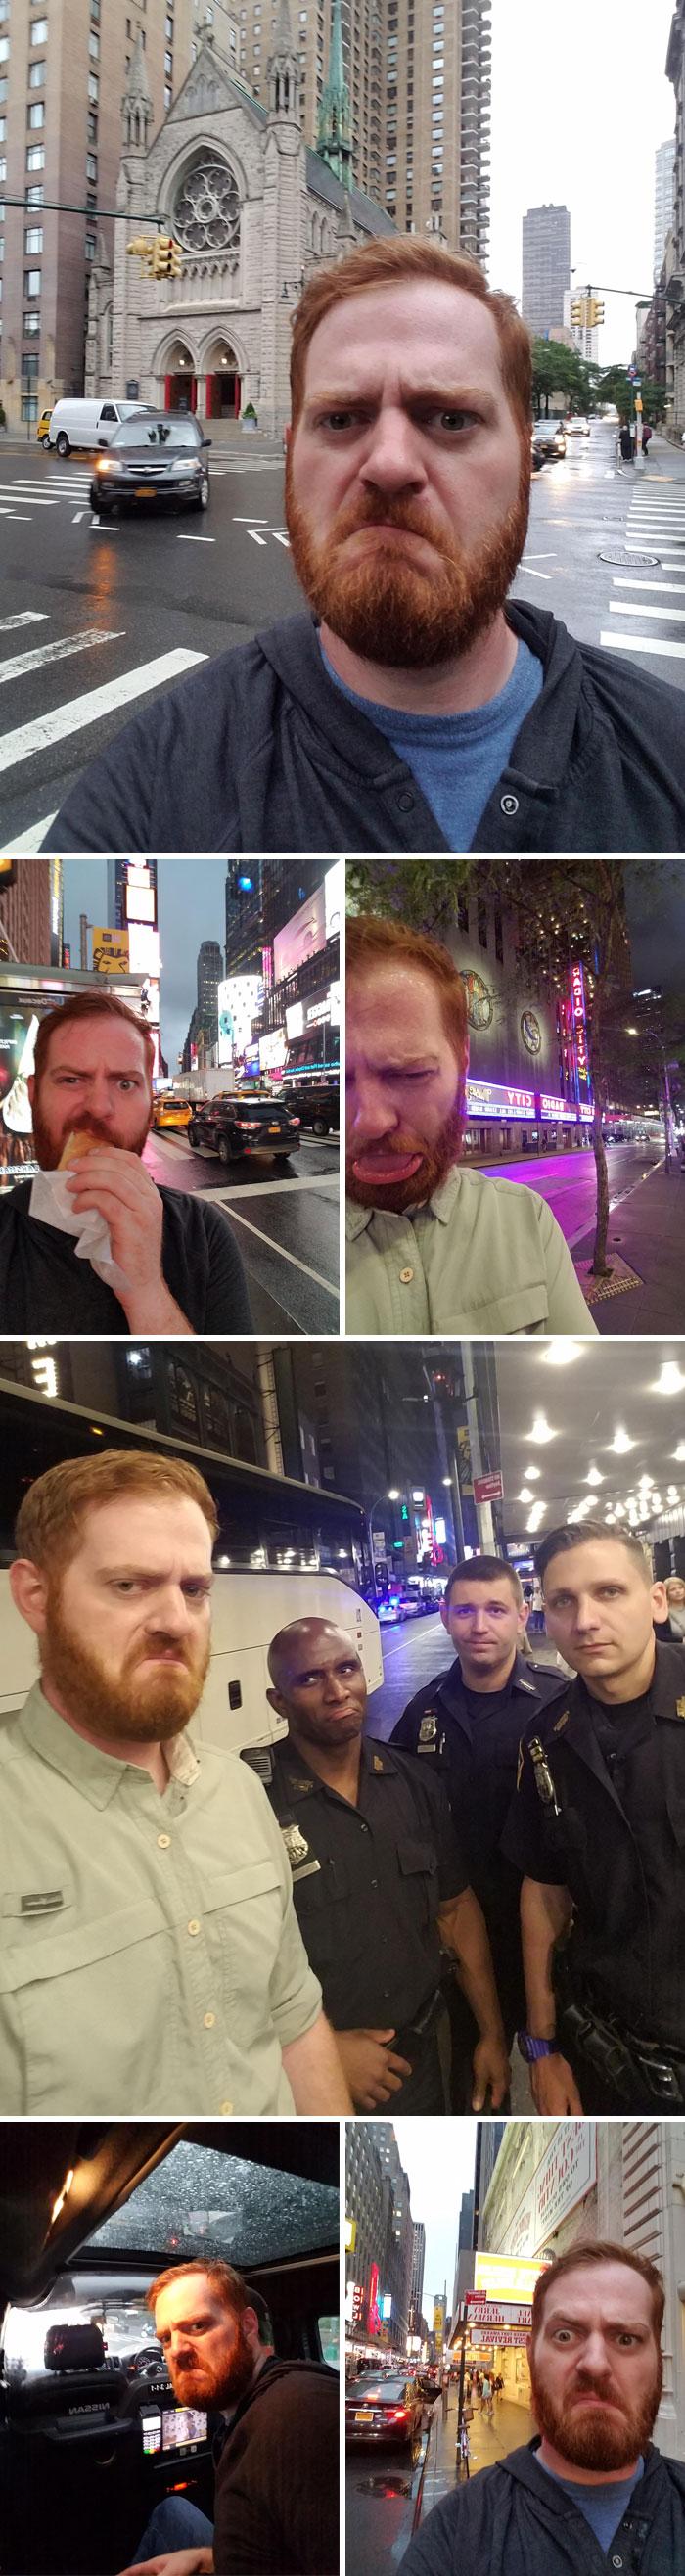 Fui a Nueva York por negocios y tuve que demostrarle a mi esposa que no lo estaba pasando bien sin ella